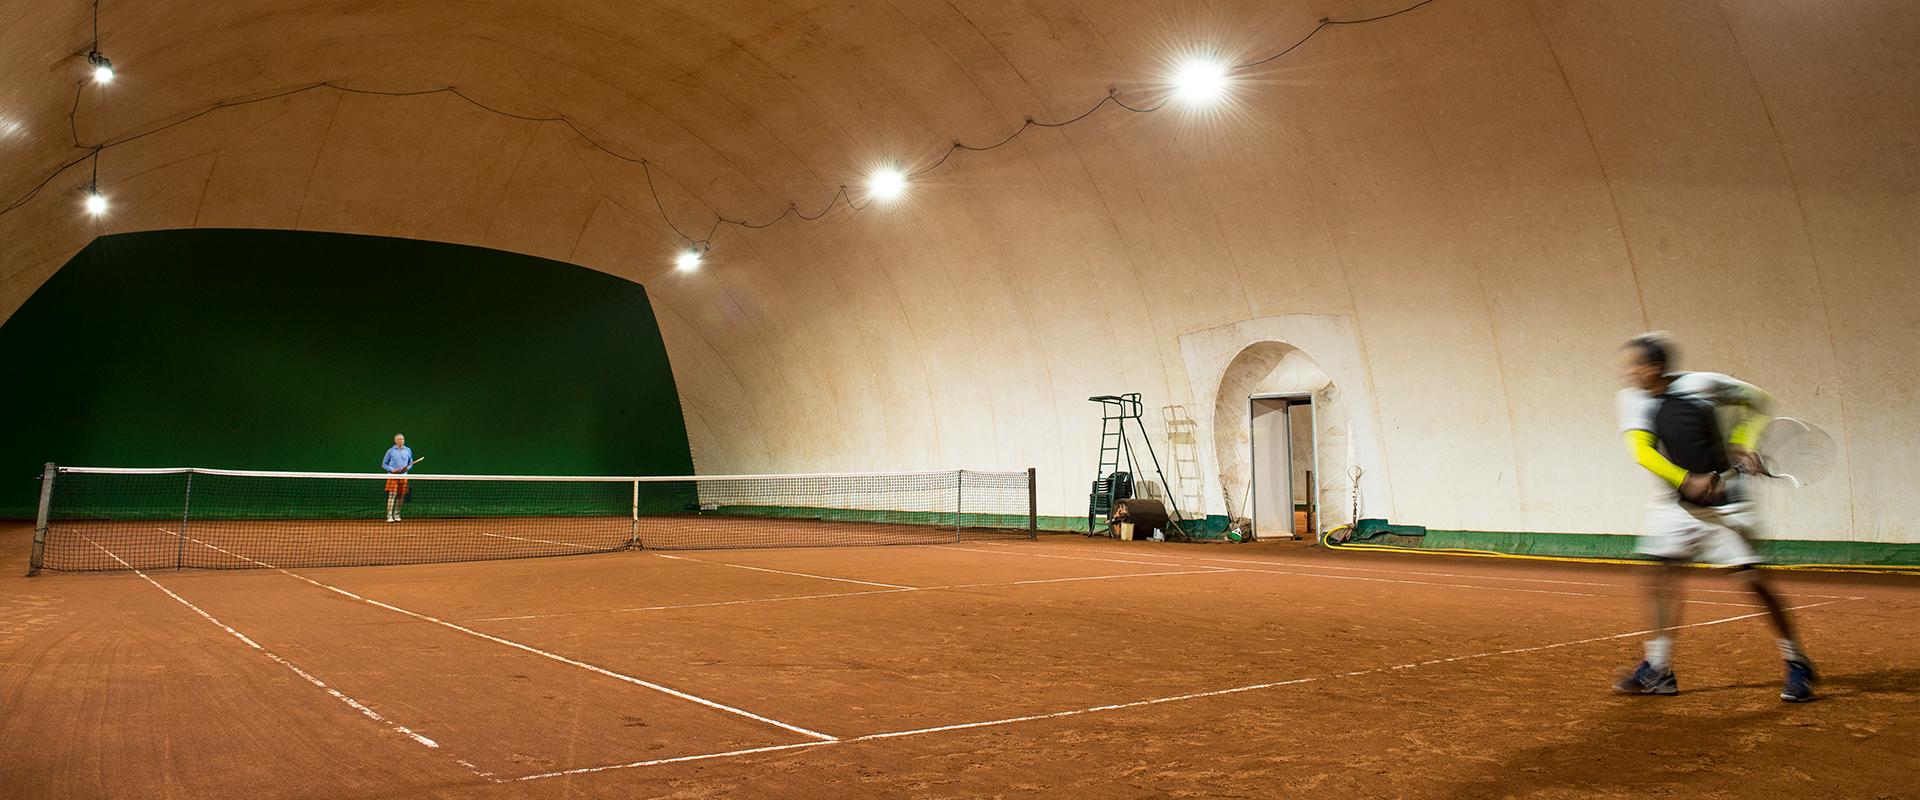 Fari LED campi tennis